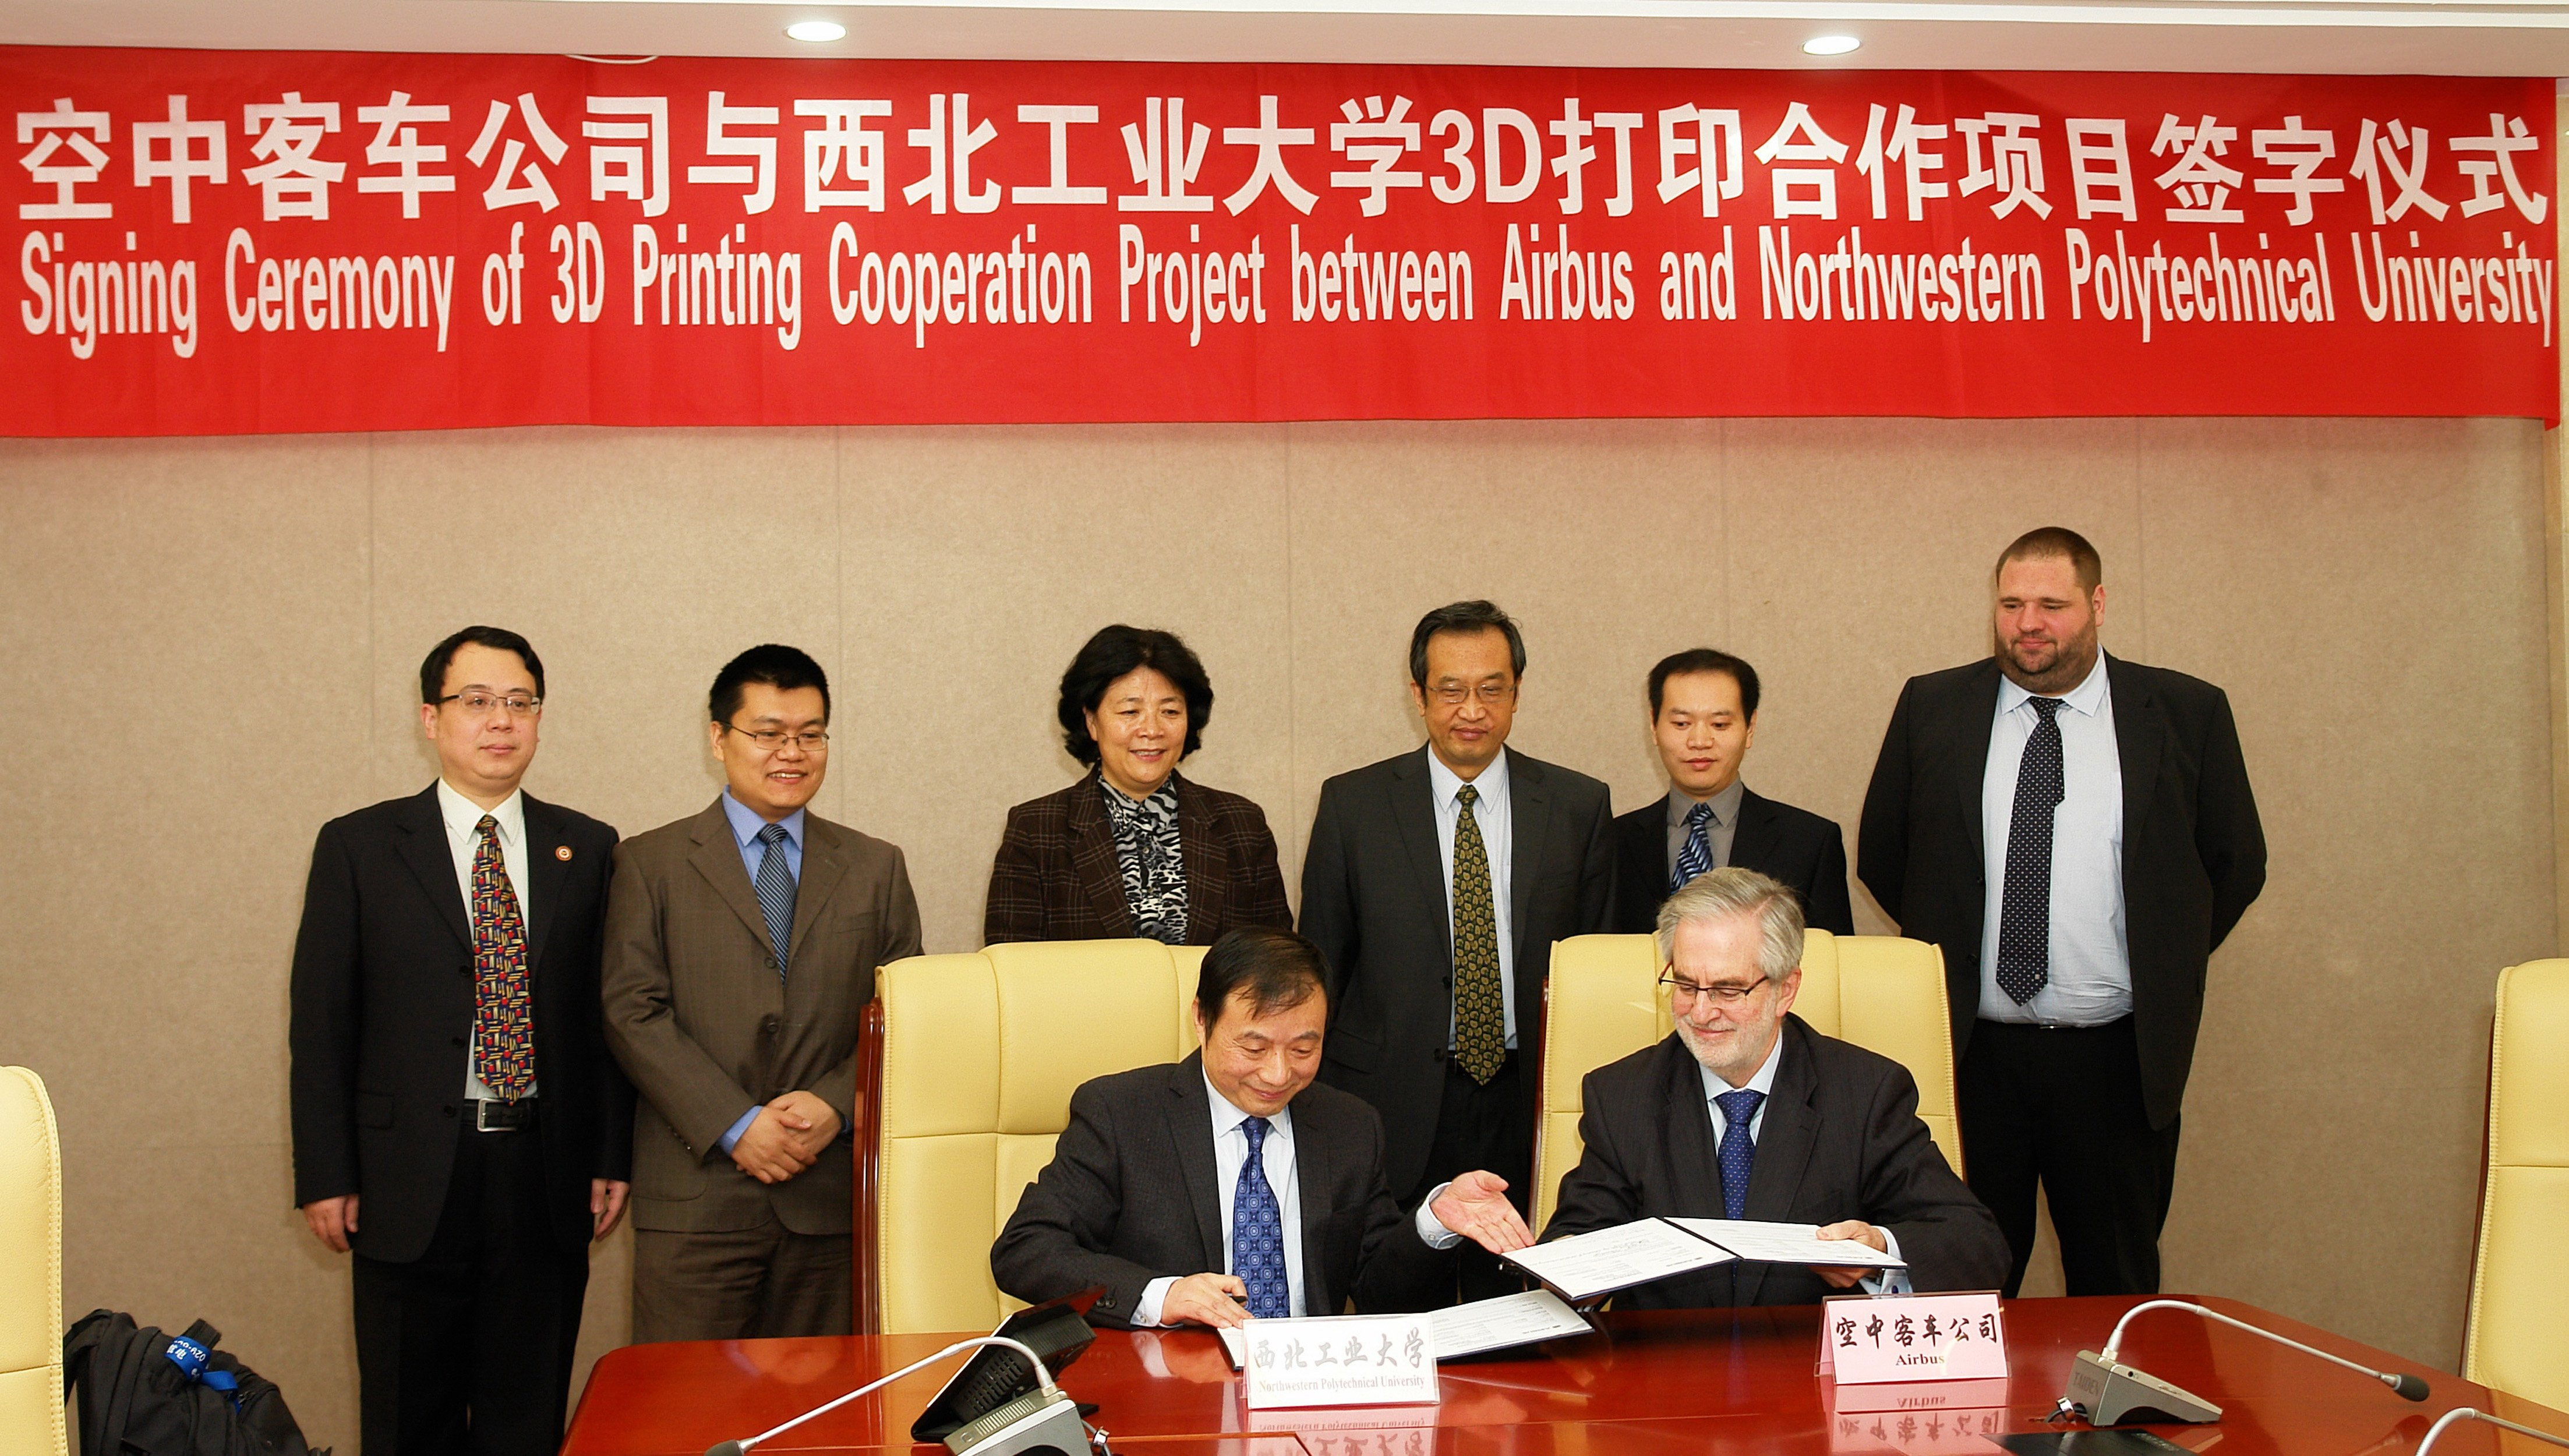 Unterzeichnung der Kooperationsvereinbarung zwischen Airbus und der chinesischen Universität NPU durch Rafael Gonzalez-Ripoll (r.), Chef von Airbus in China, und UniversitätspräsidentWeng Zhiquian.